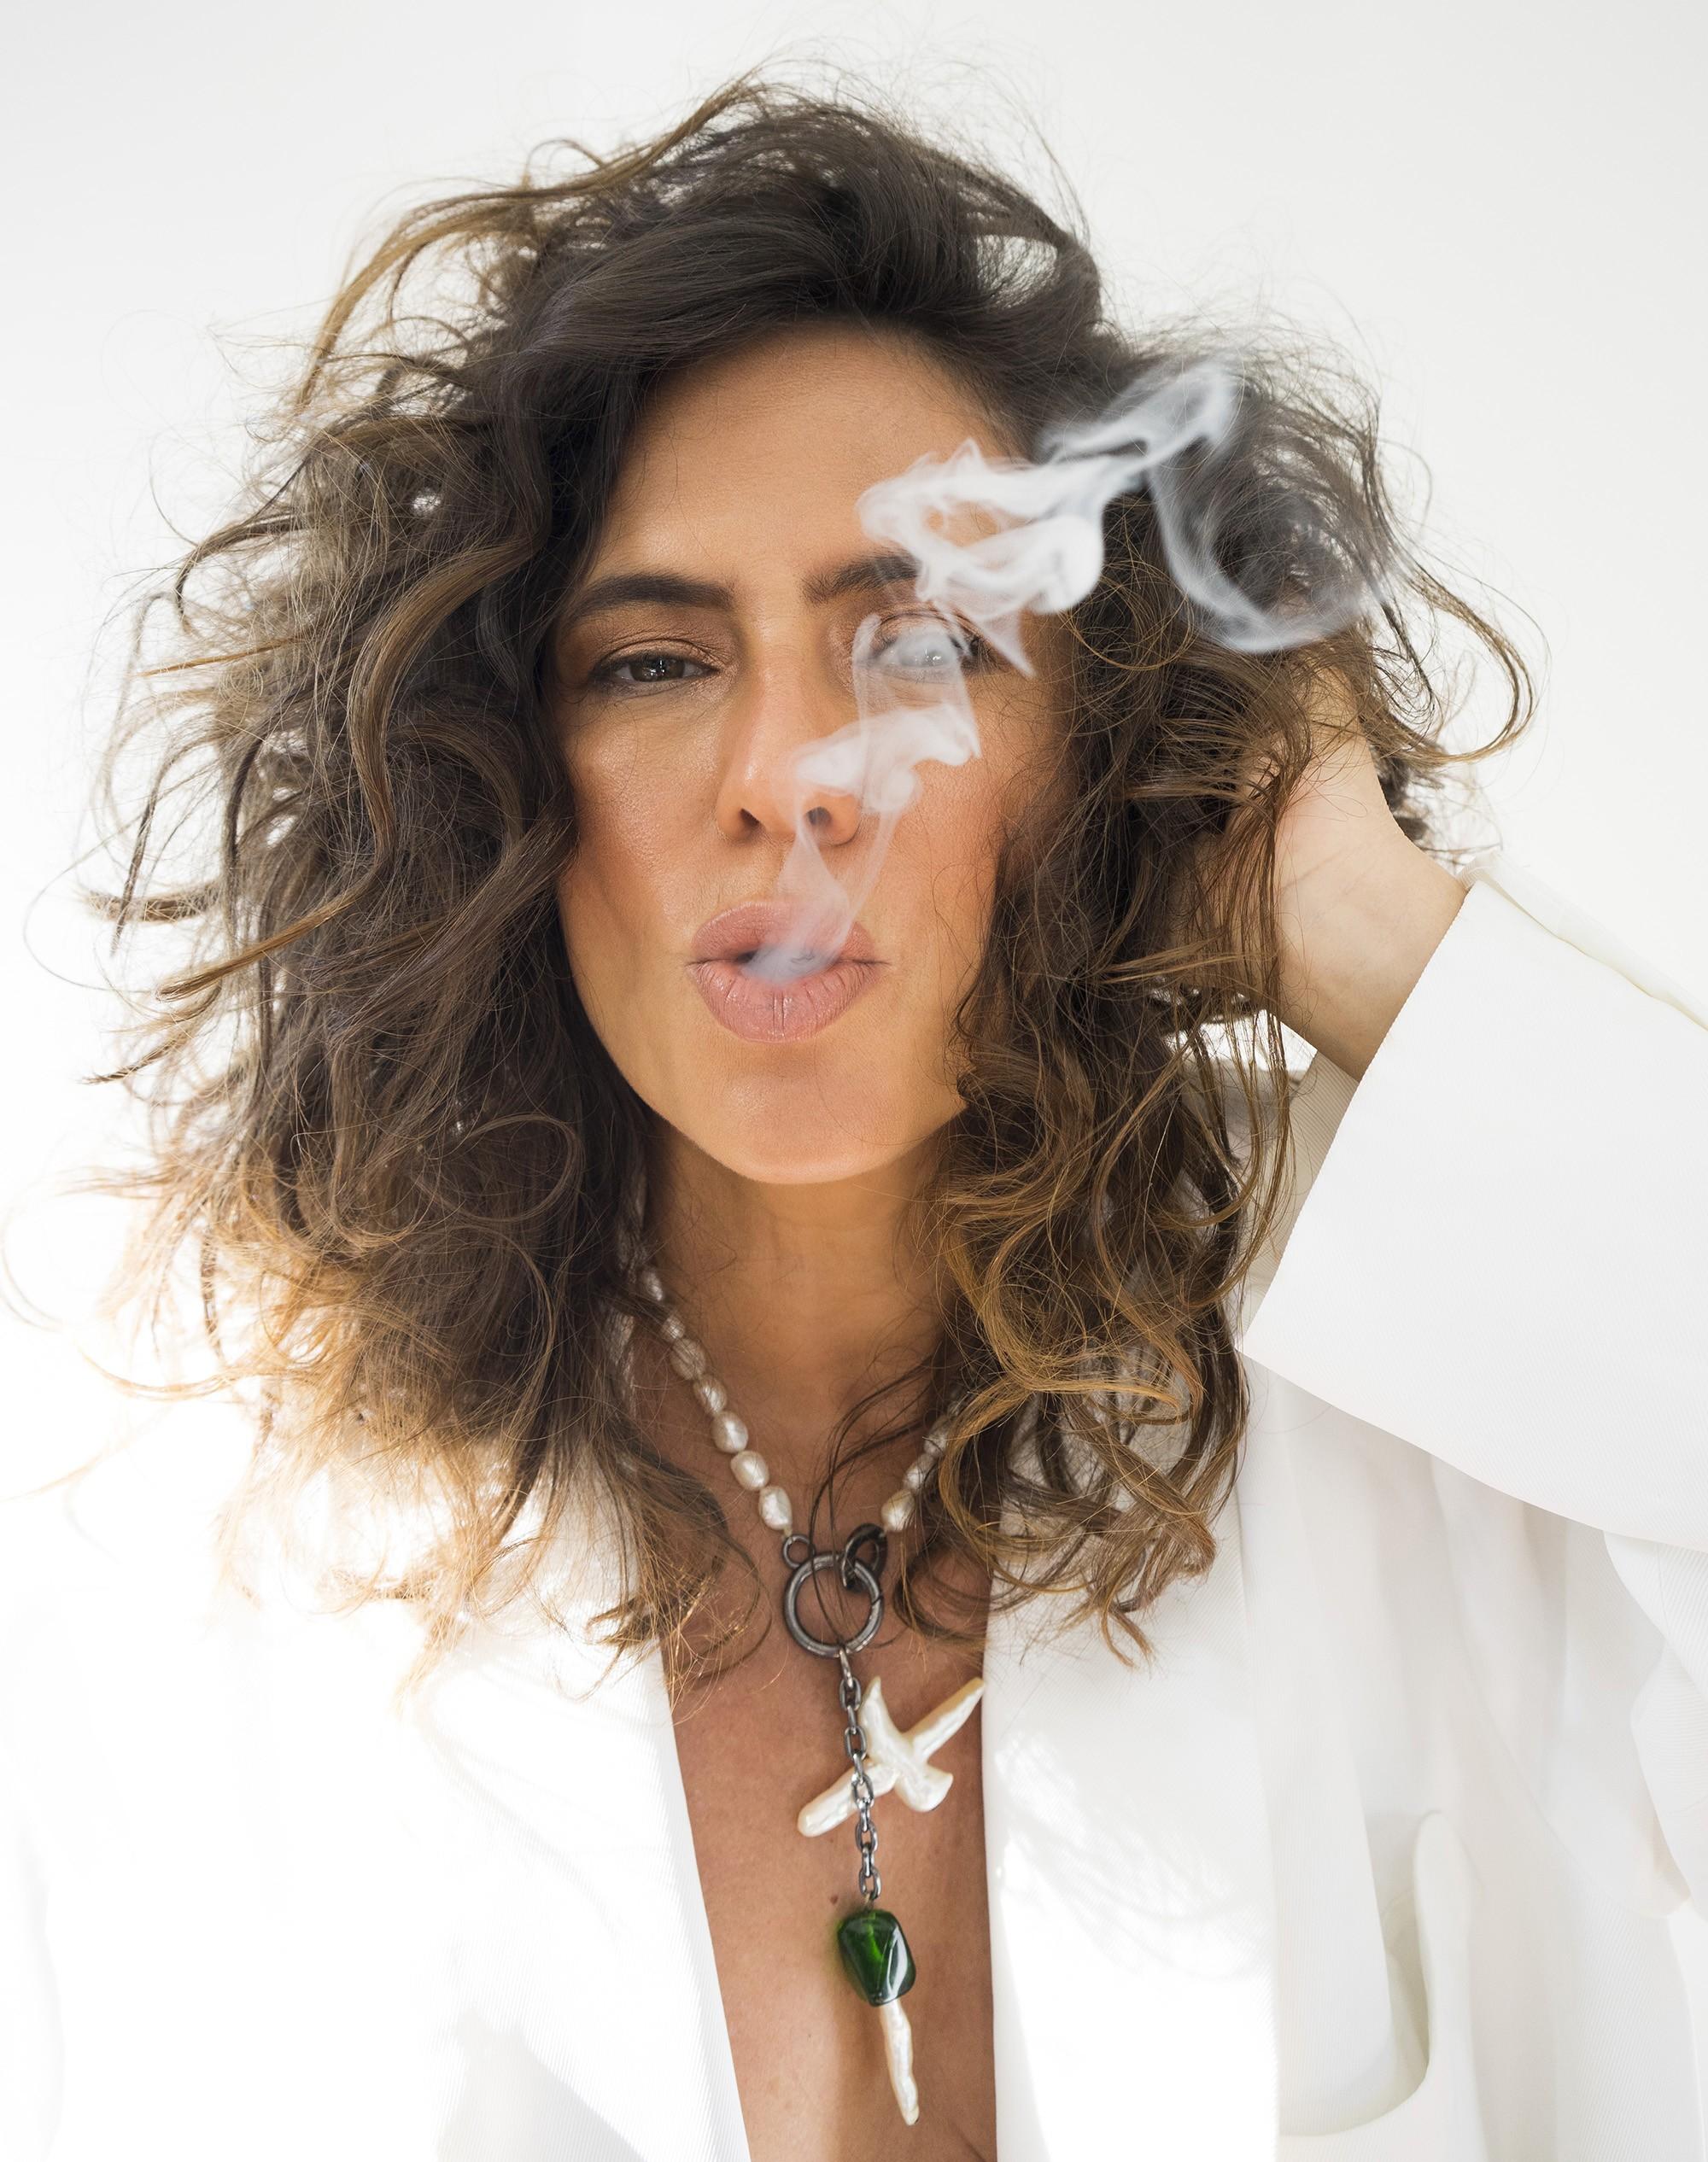 Silvia Machete segue na pele de 'Rhonda', lança single 'Let's split tonight' e prepara edição em LP de álbum em inglês